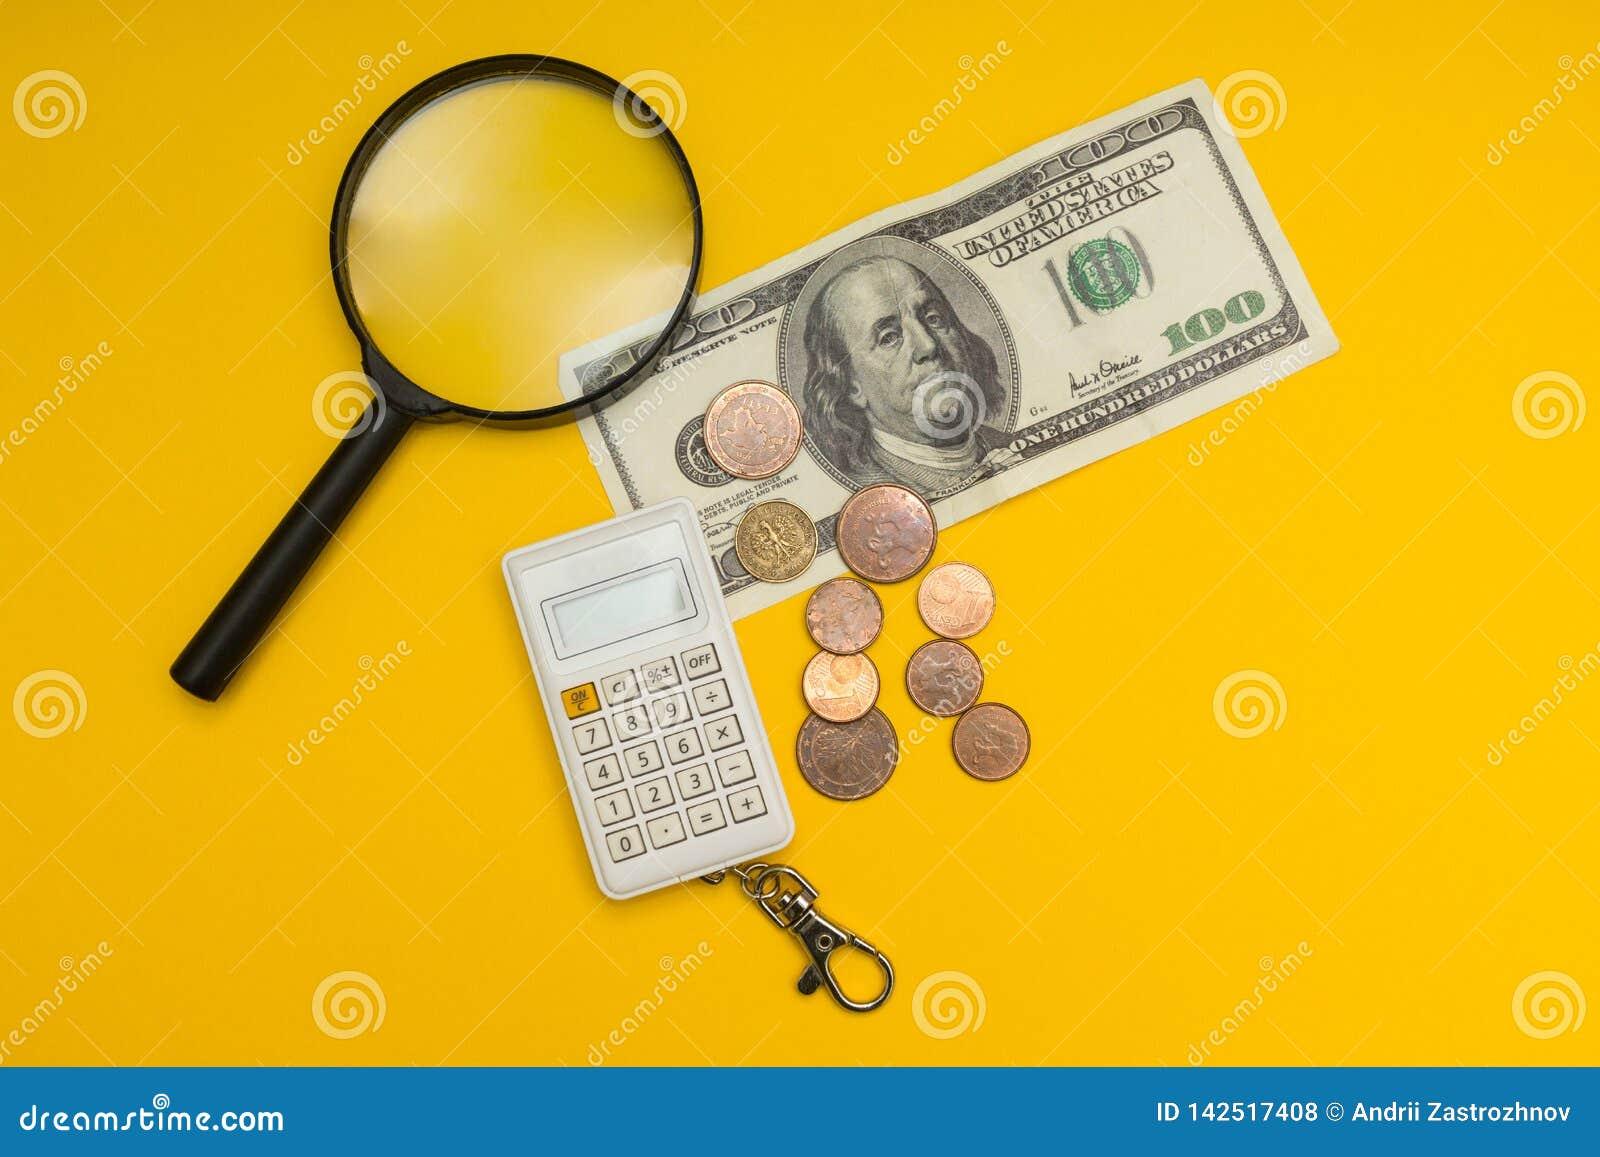 Pojęcie wizerunek banknot 100 dolarów, powiększa - szkło, kalkulator i moneta na żółtym tle,